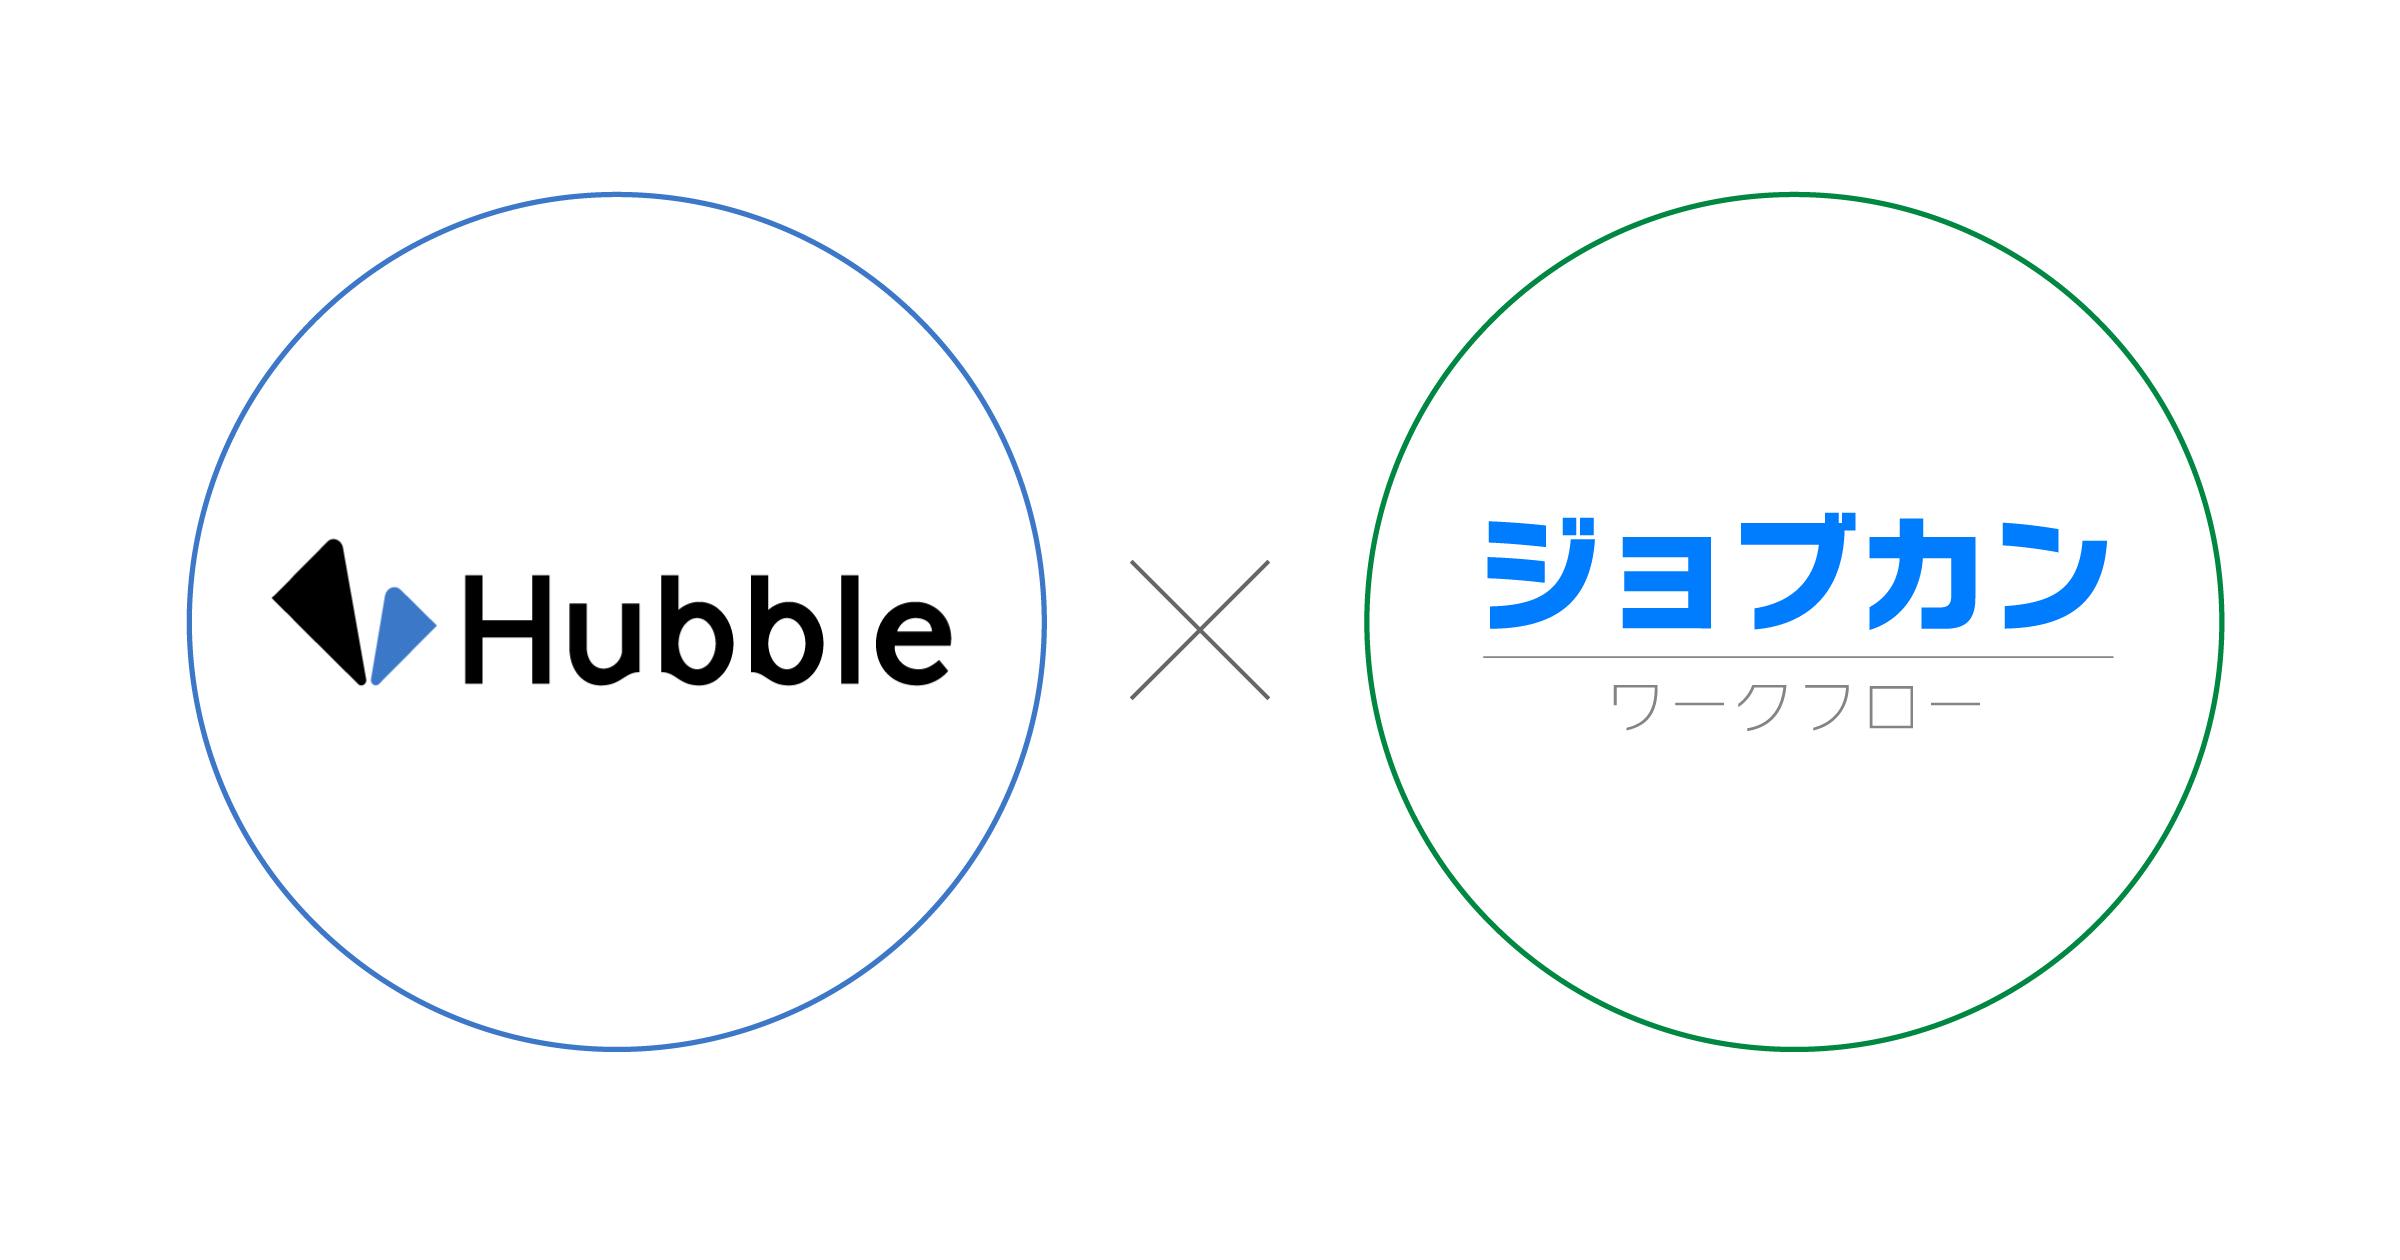 HubbleとジョブカンワークフローがAPI連携。契約書の作成から稟議、決裁までが一気通貫。意思決定の可視化とスピードアップを実現